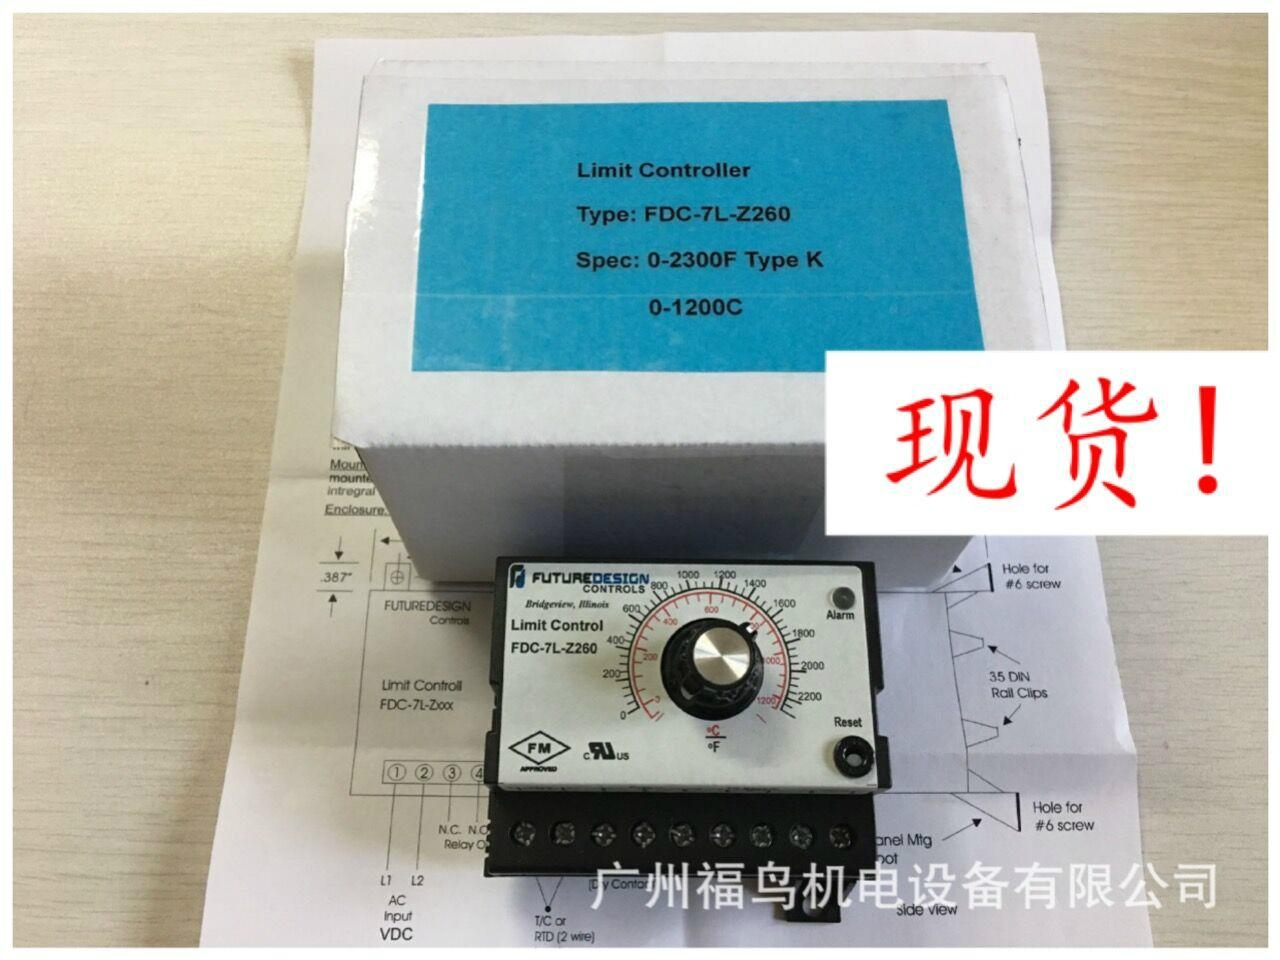 FUTURE DESIGN温度控制器, 型号: FDC-7L-Z260